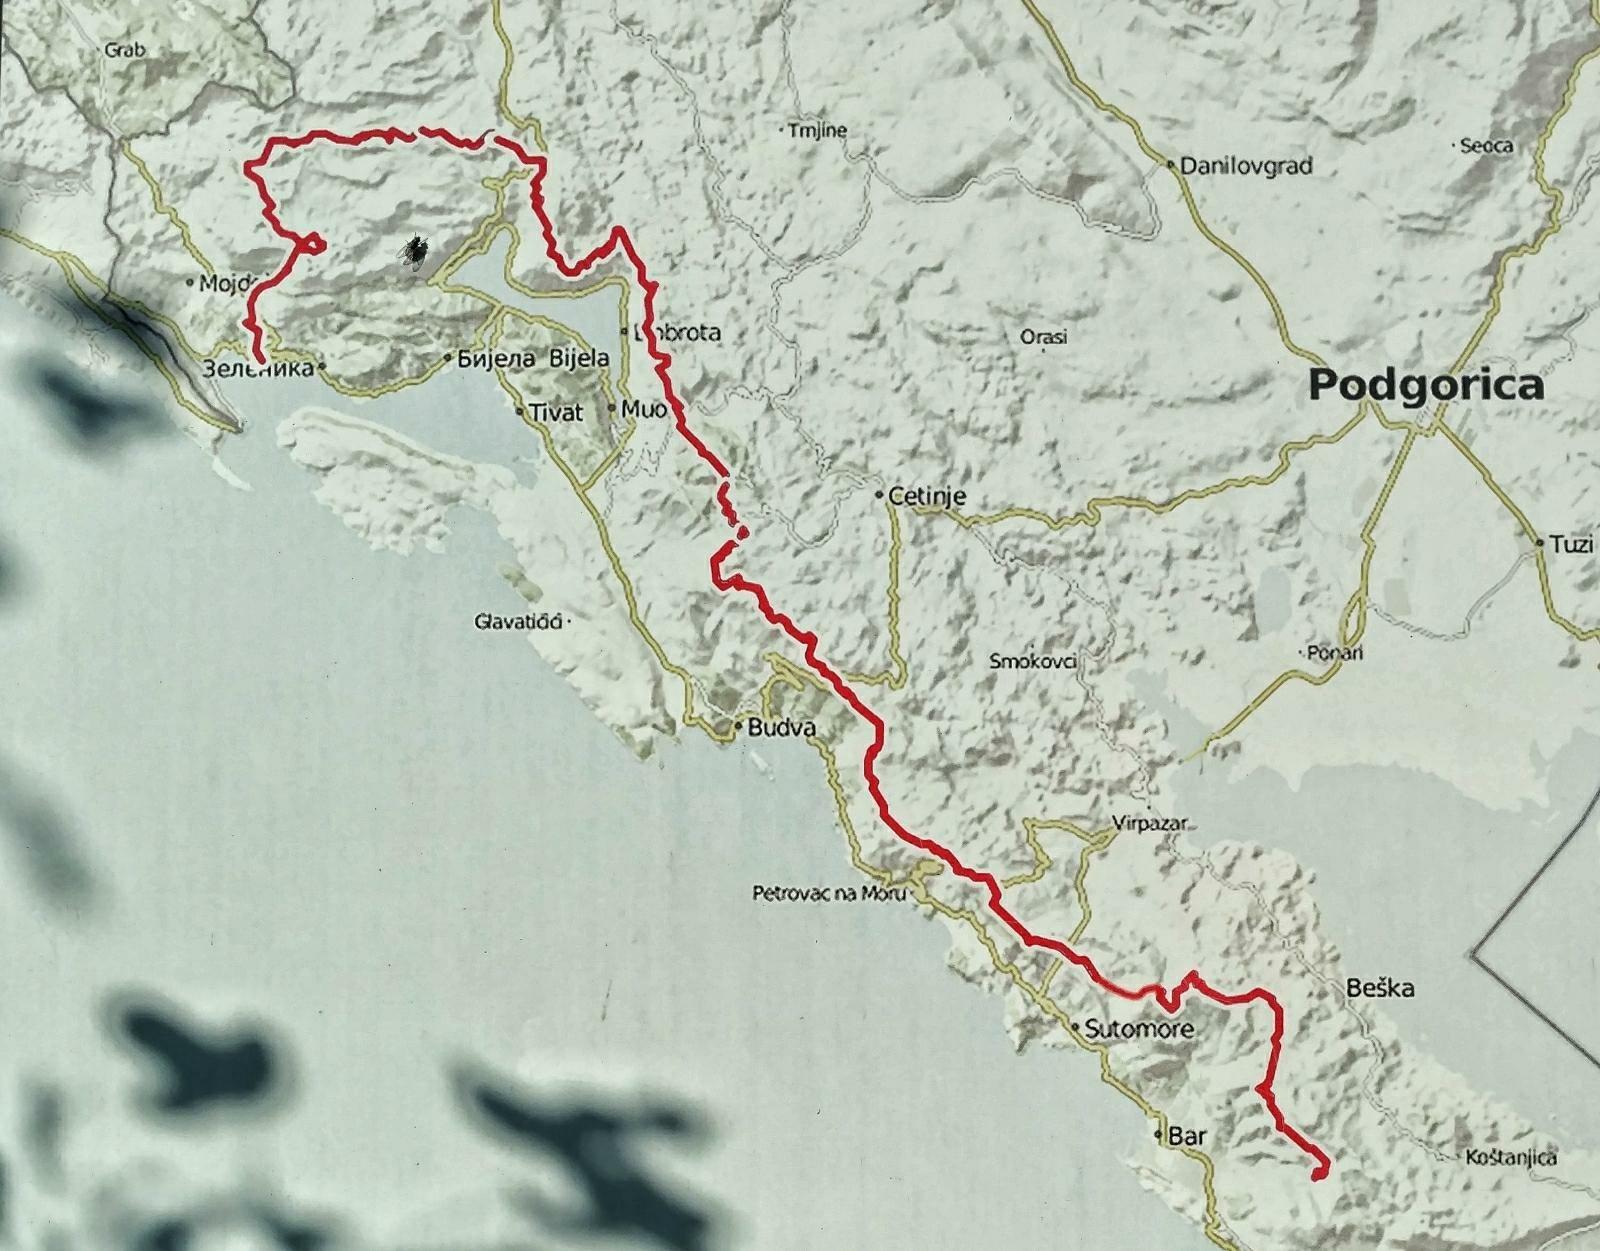 Montenegro's Coastal Traverse - Primorska Planinarska Transverzala